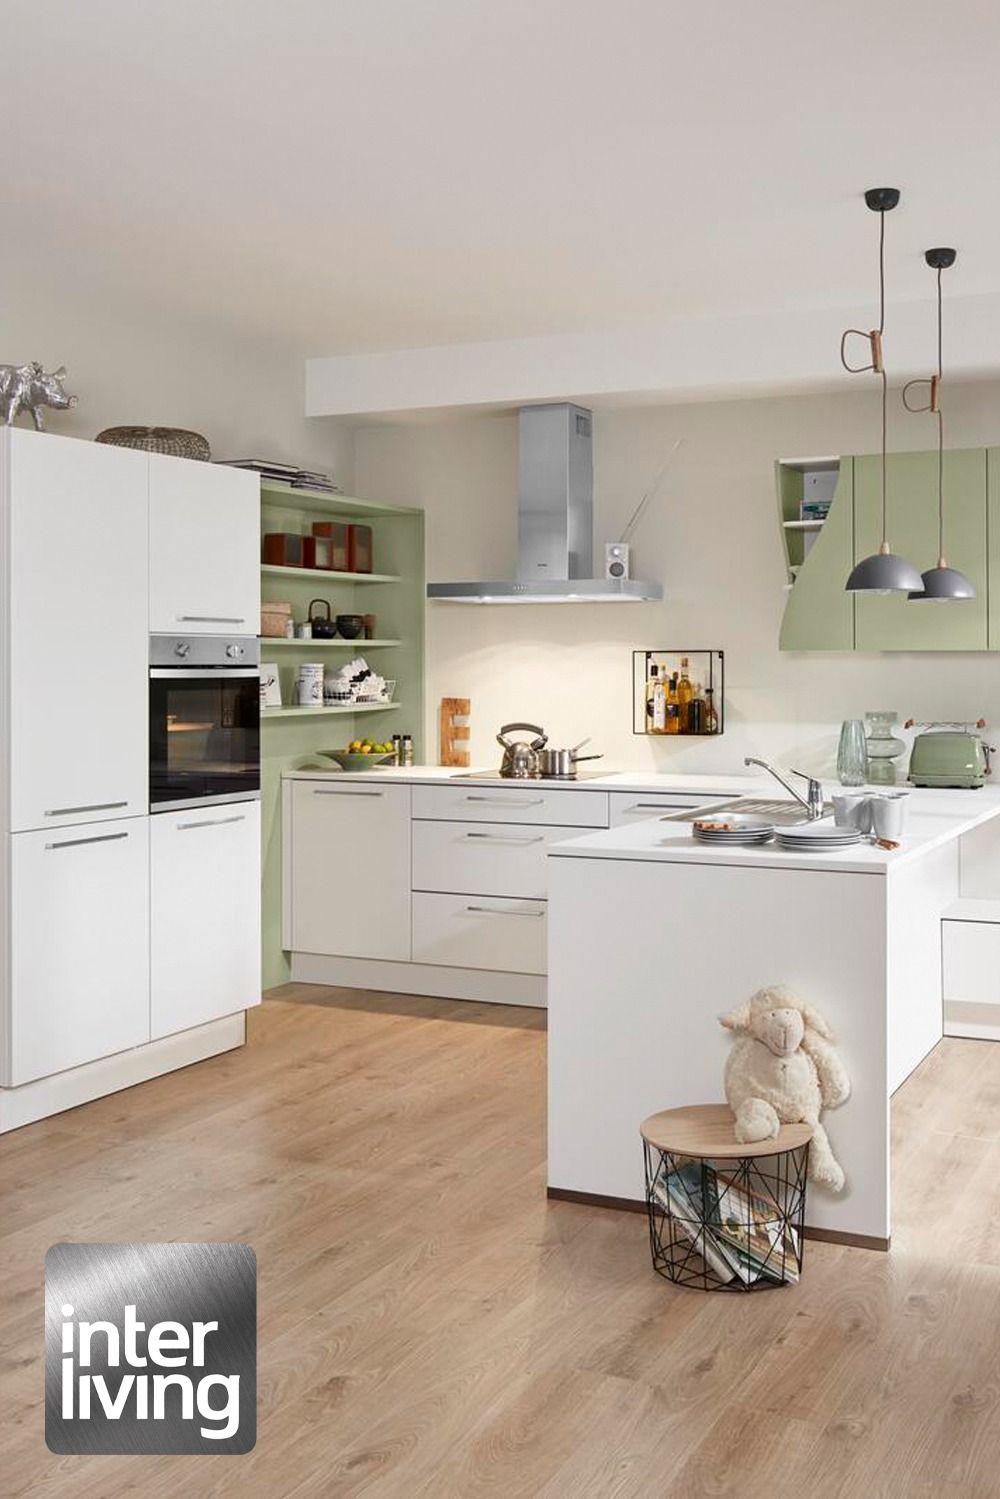 Interliving Küchen   Küche, Küchentrends, Einbauküche